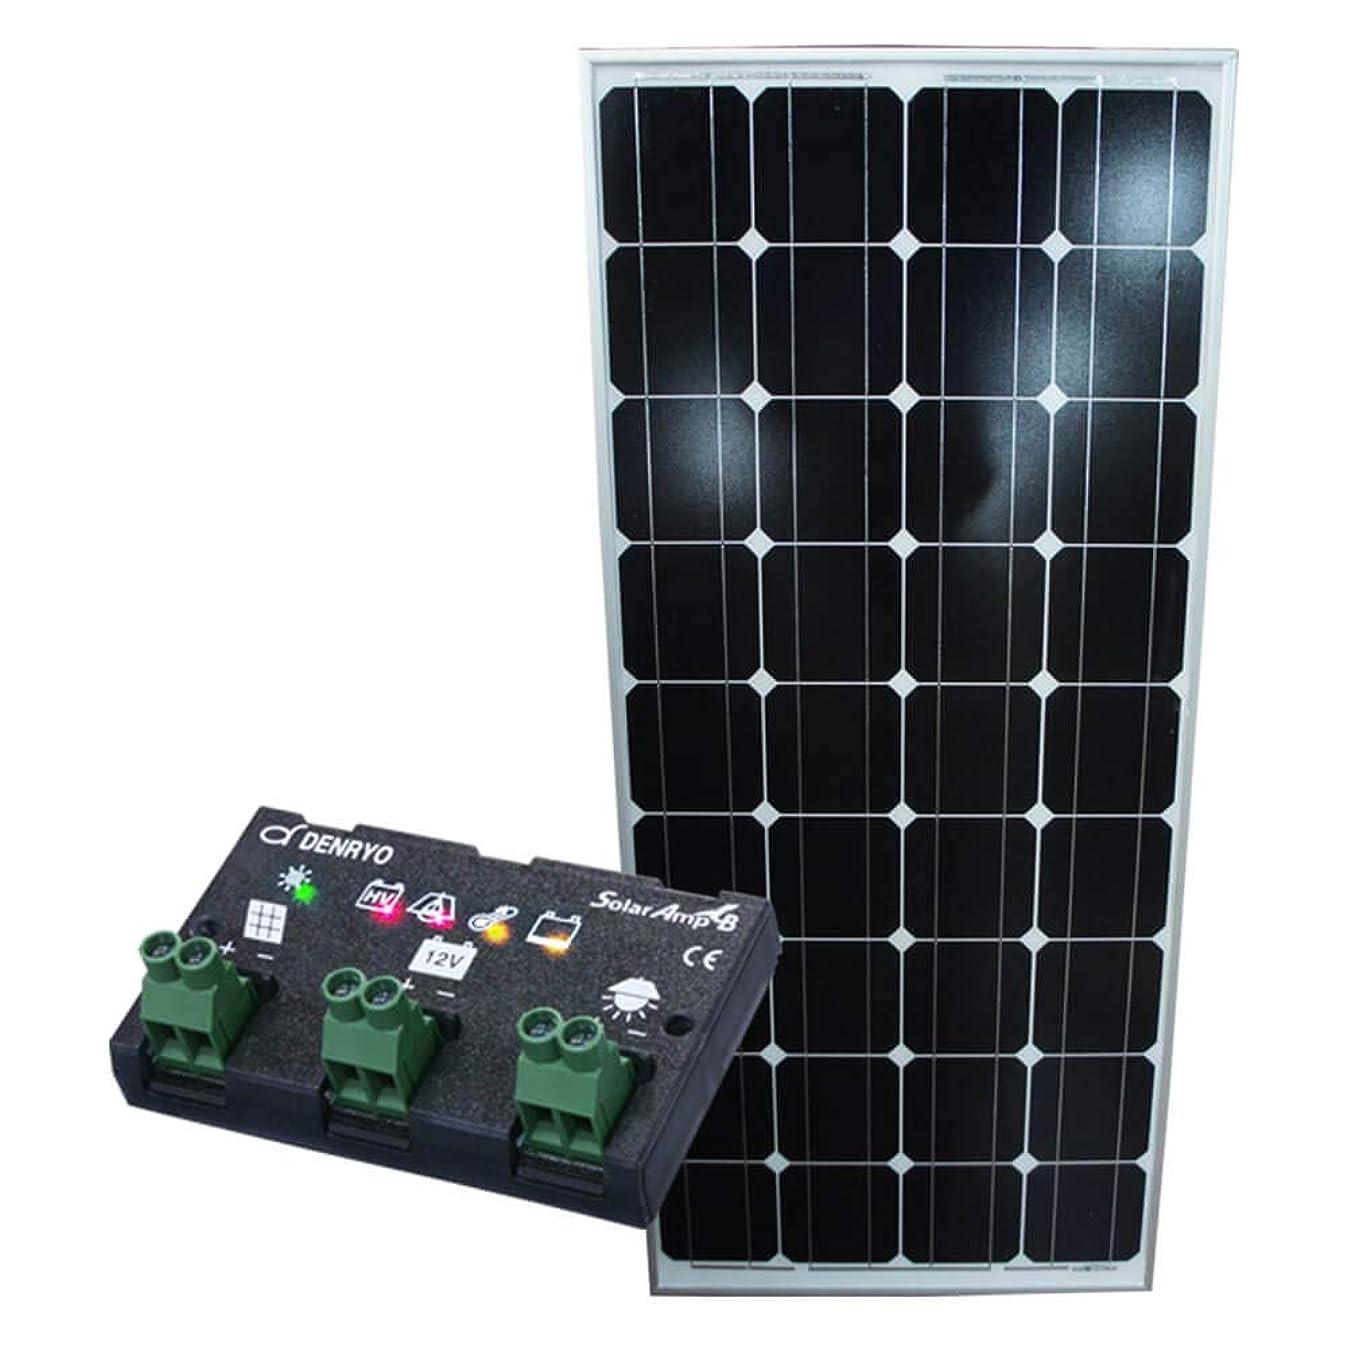 する観客文房具DIYで自宅、家庭のベランダに自家発電を設置できる 単結晶太陽光ソーラーパネル100w(12V)チャージコントローラー10Aセット 太陽光パネル チャージコントローラー 単結晶 防水 Dream Link(ドリームリンク)